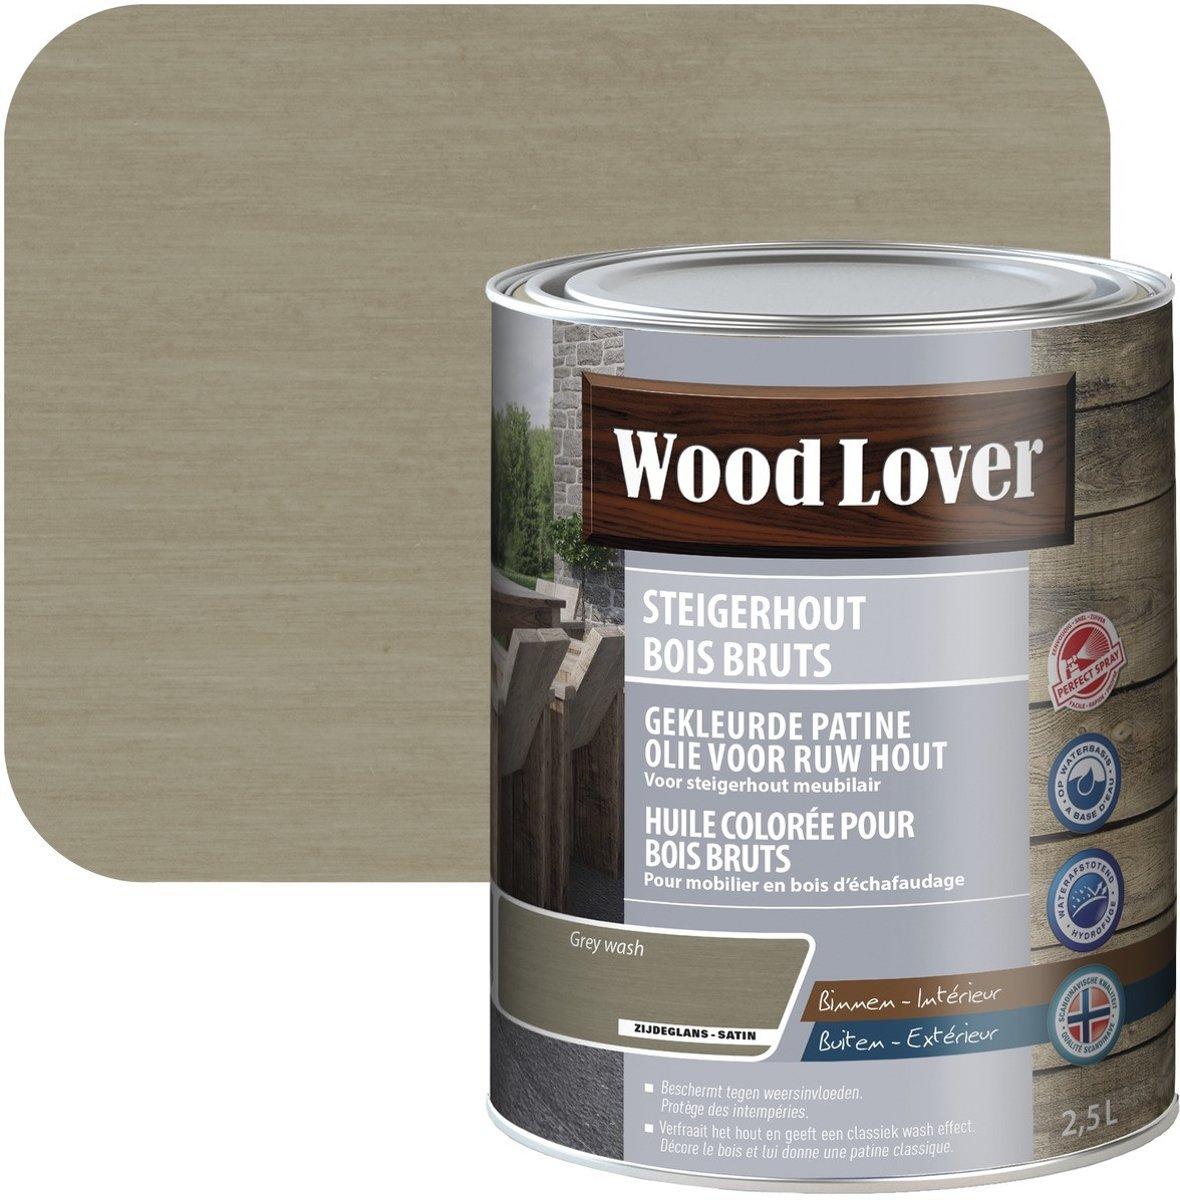 Olie steigerhout 2,5l grey wash kopen